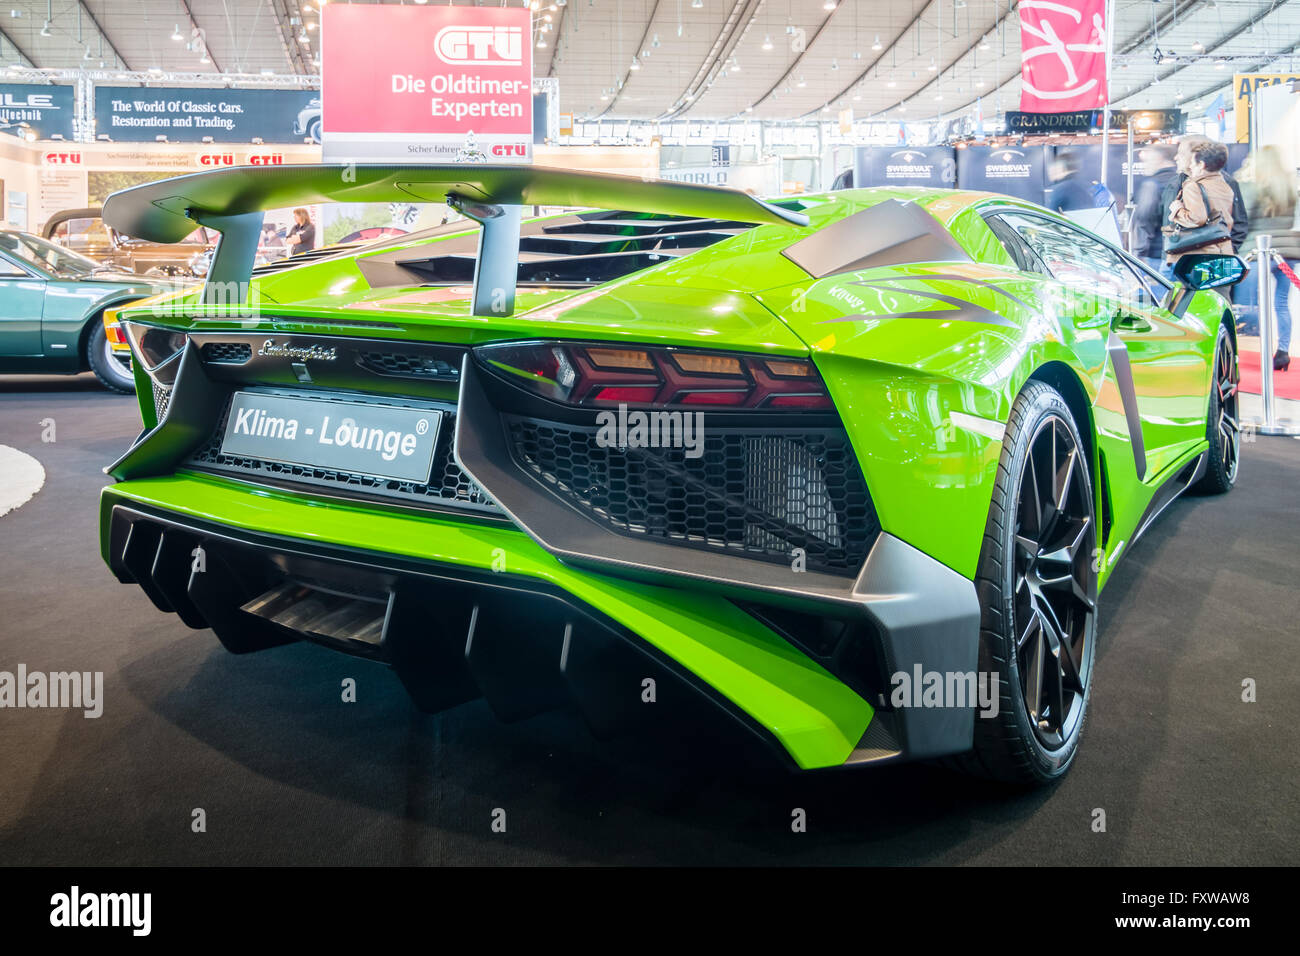 Mittelmotor-Sportwagen Lamborghini Aventador LP 750-4 SuperVeloce, 2016. Stockbild